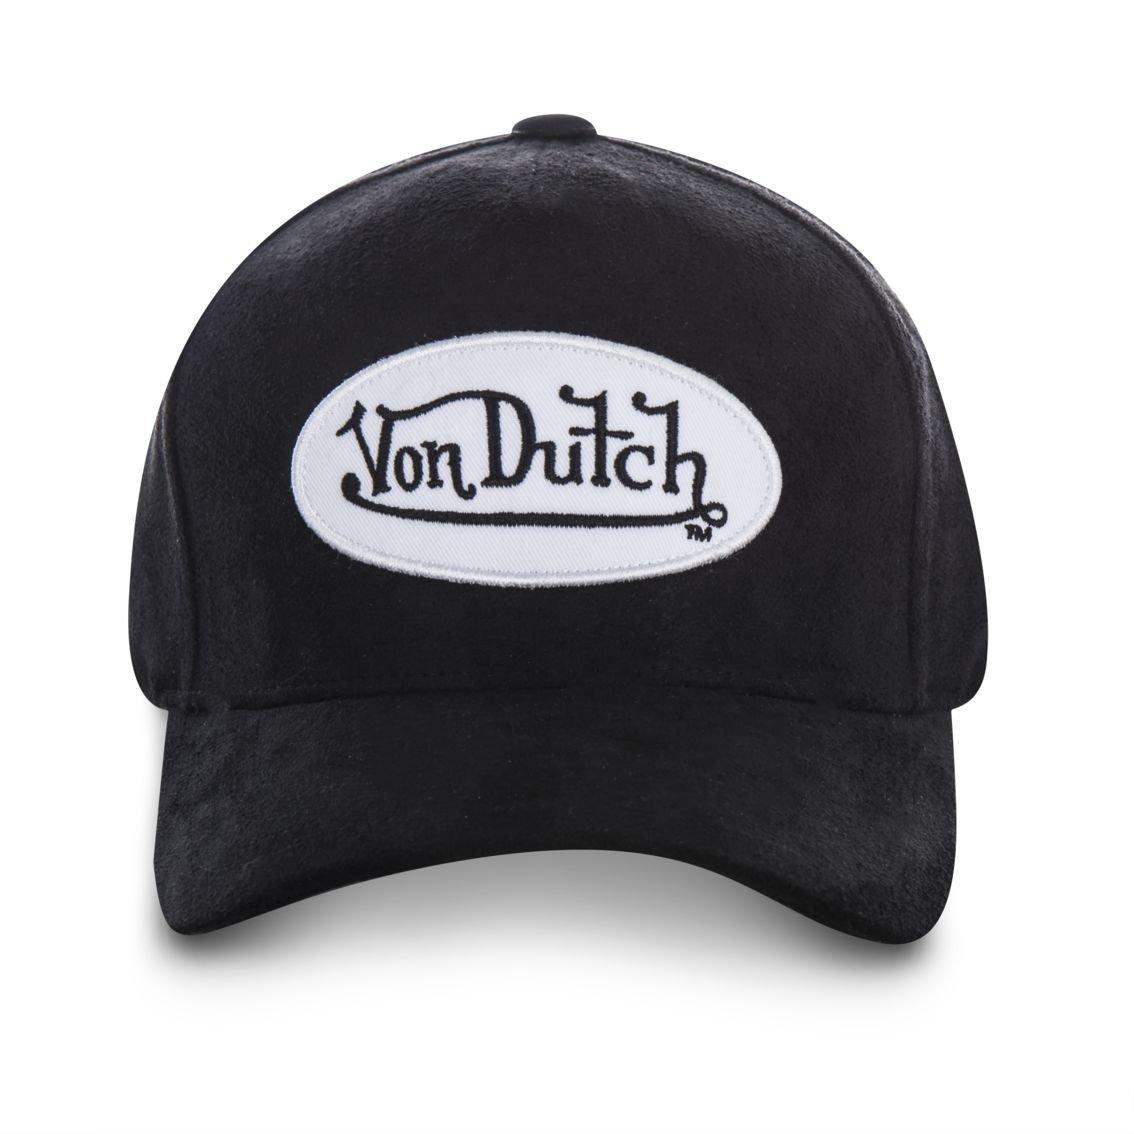 Von Dutch - Gorra de béisbol - para Hombre Azul Talla única: Amazon.es: Ropa y accesorios